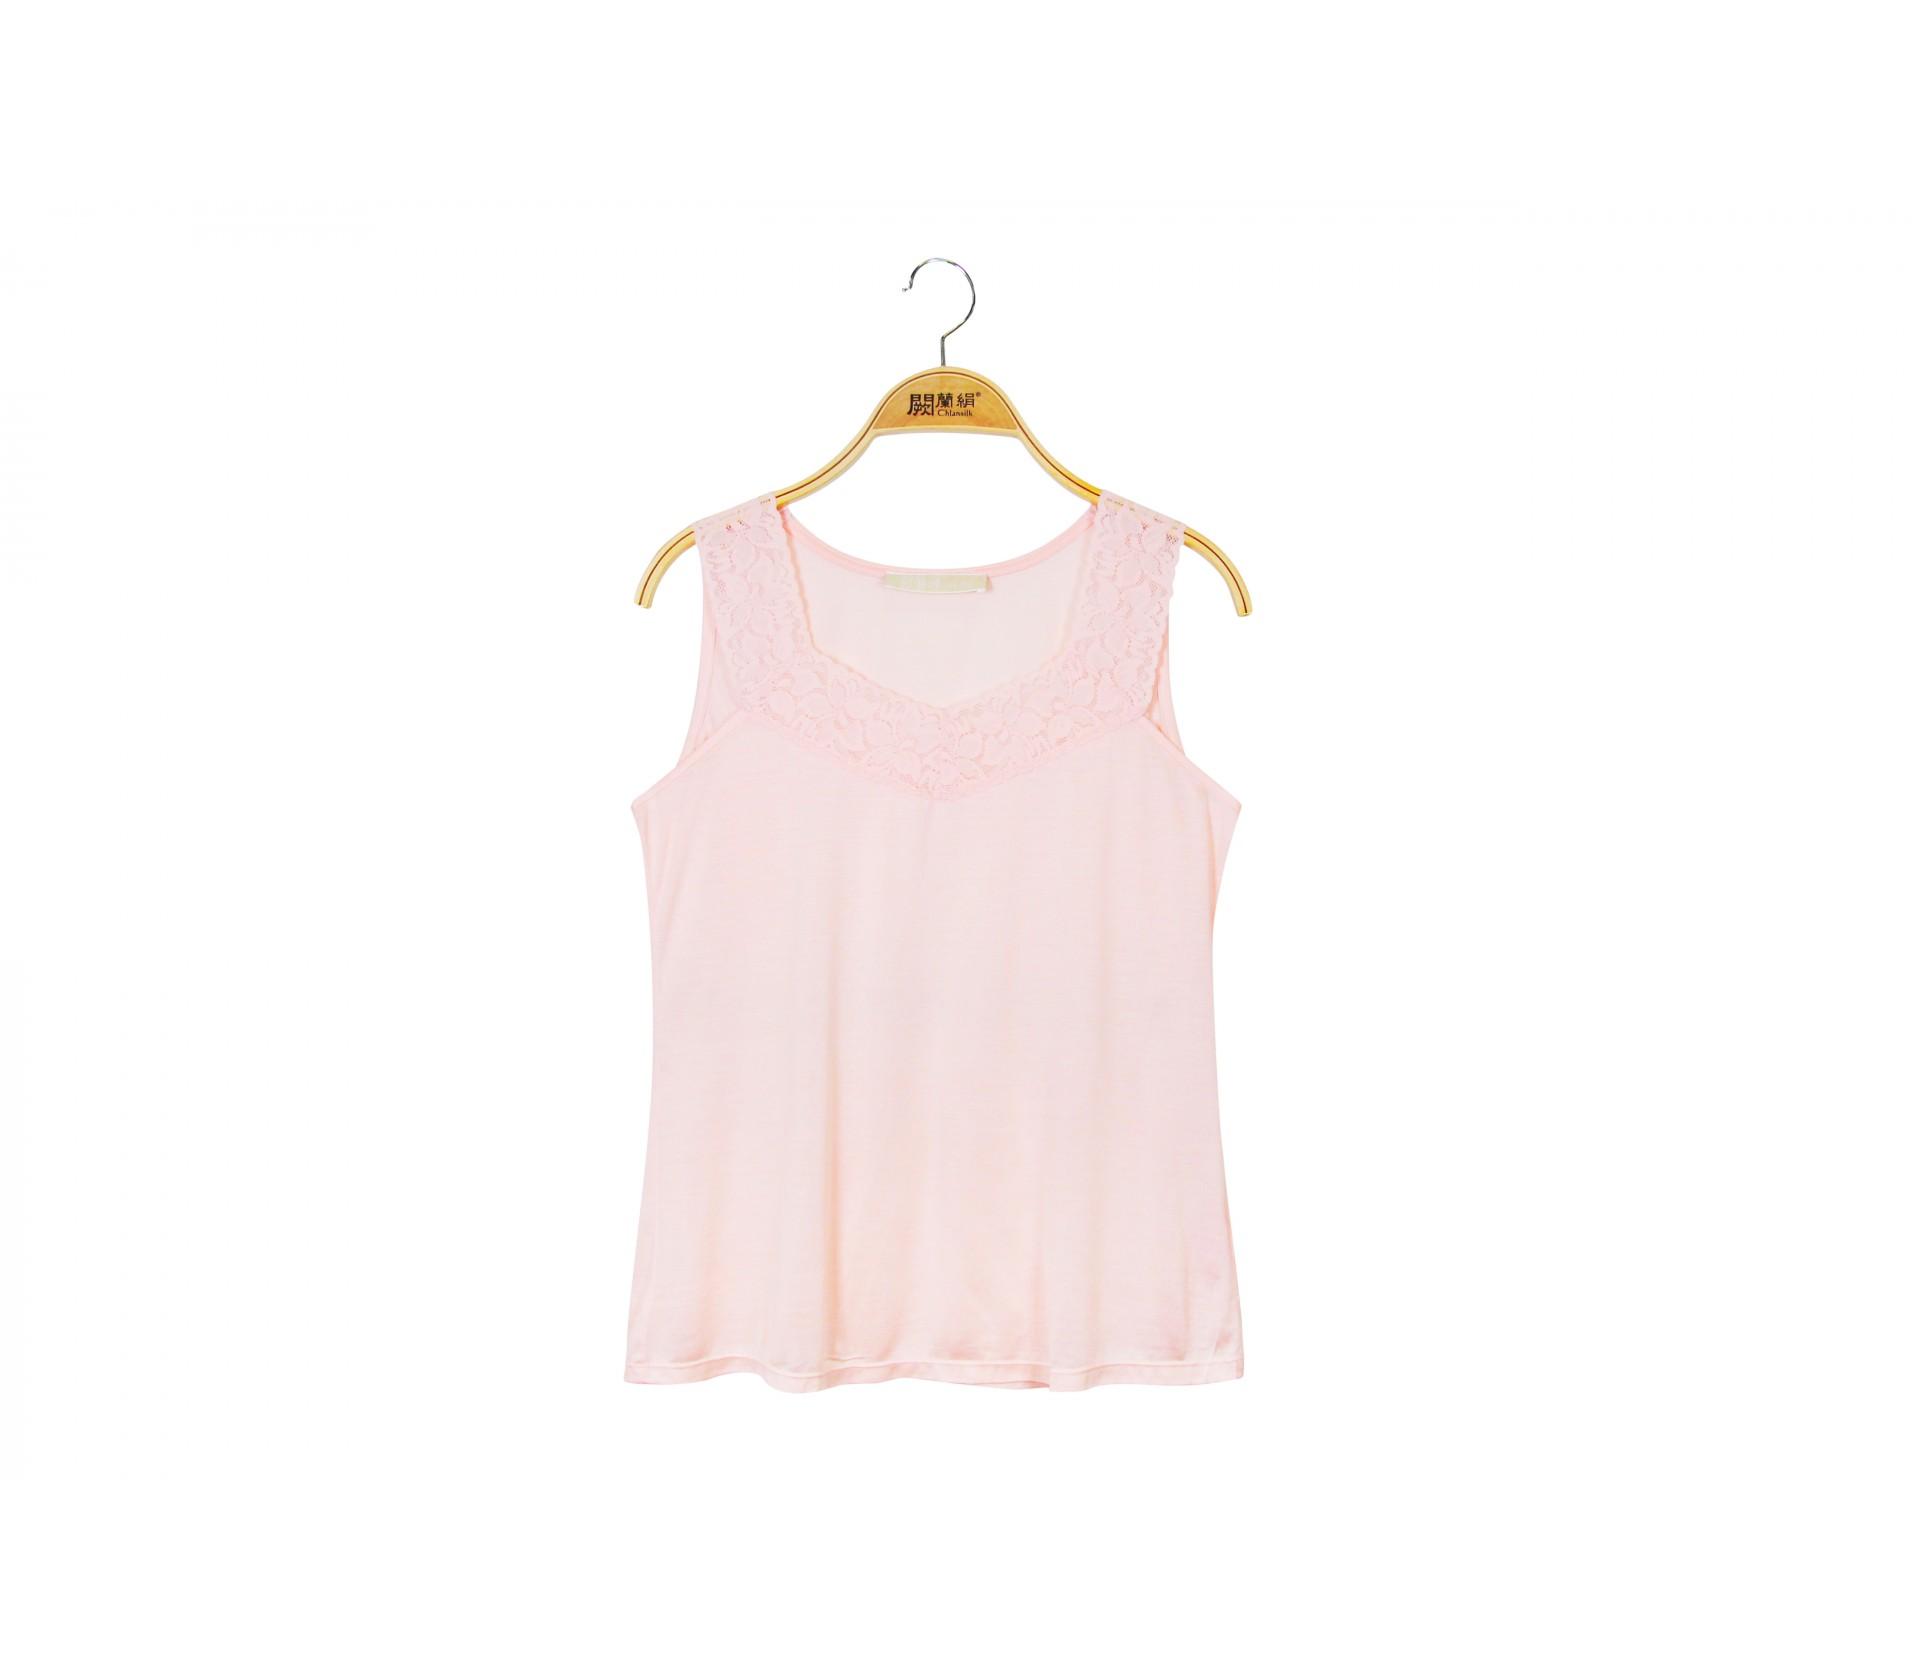 闕蘭絹素面V領蕾絲絹絲背心 - 粉色 - 9928